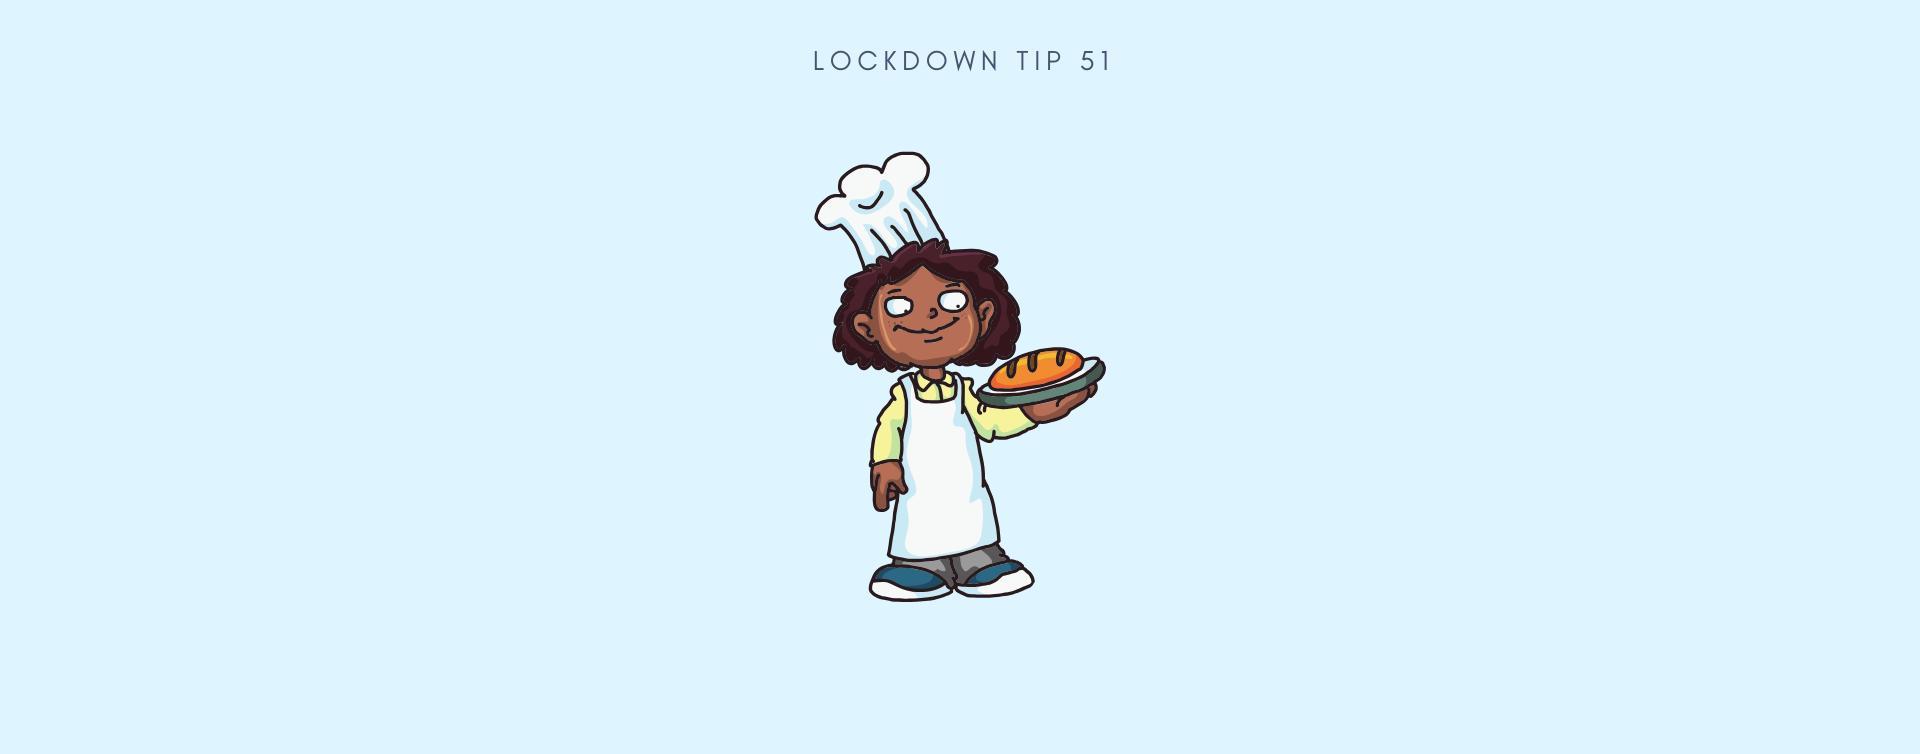 MCSA Lockdown Tip 51